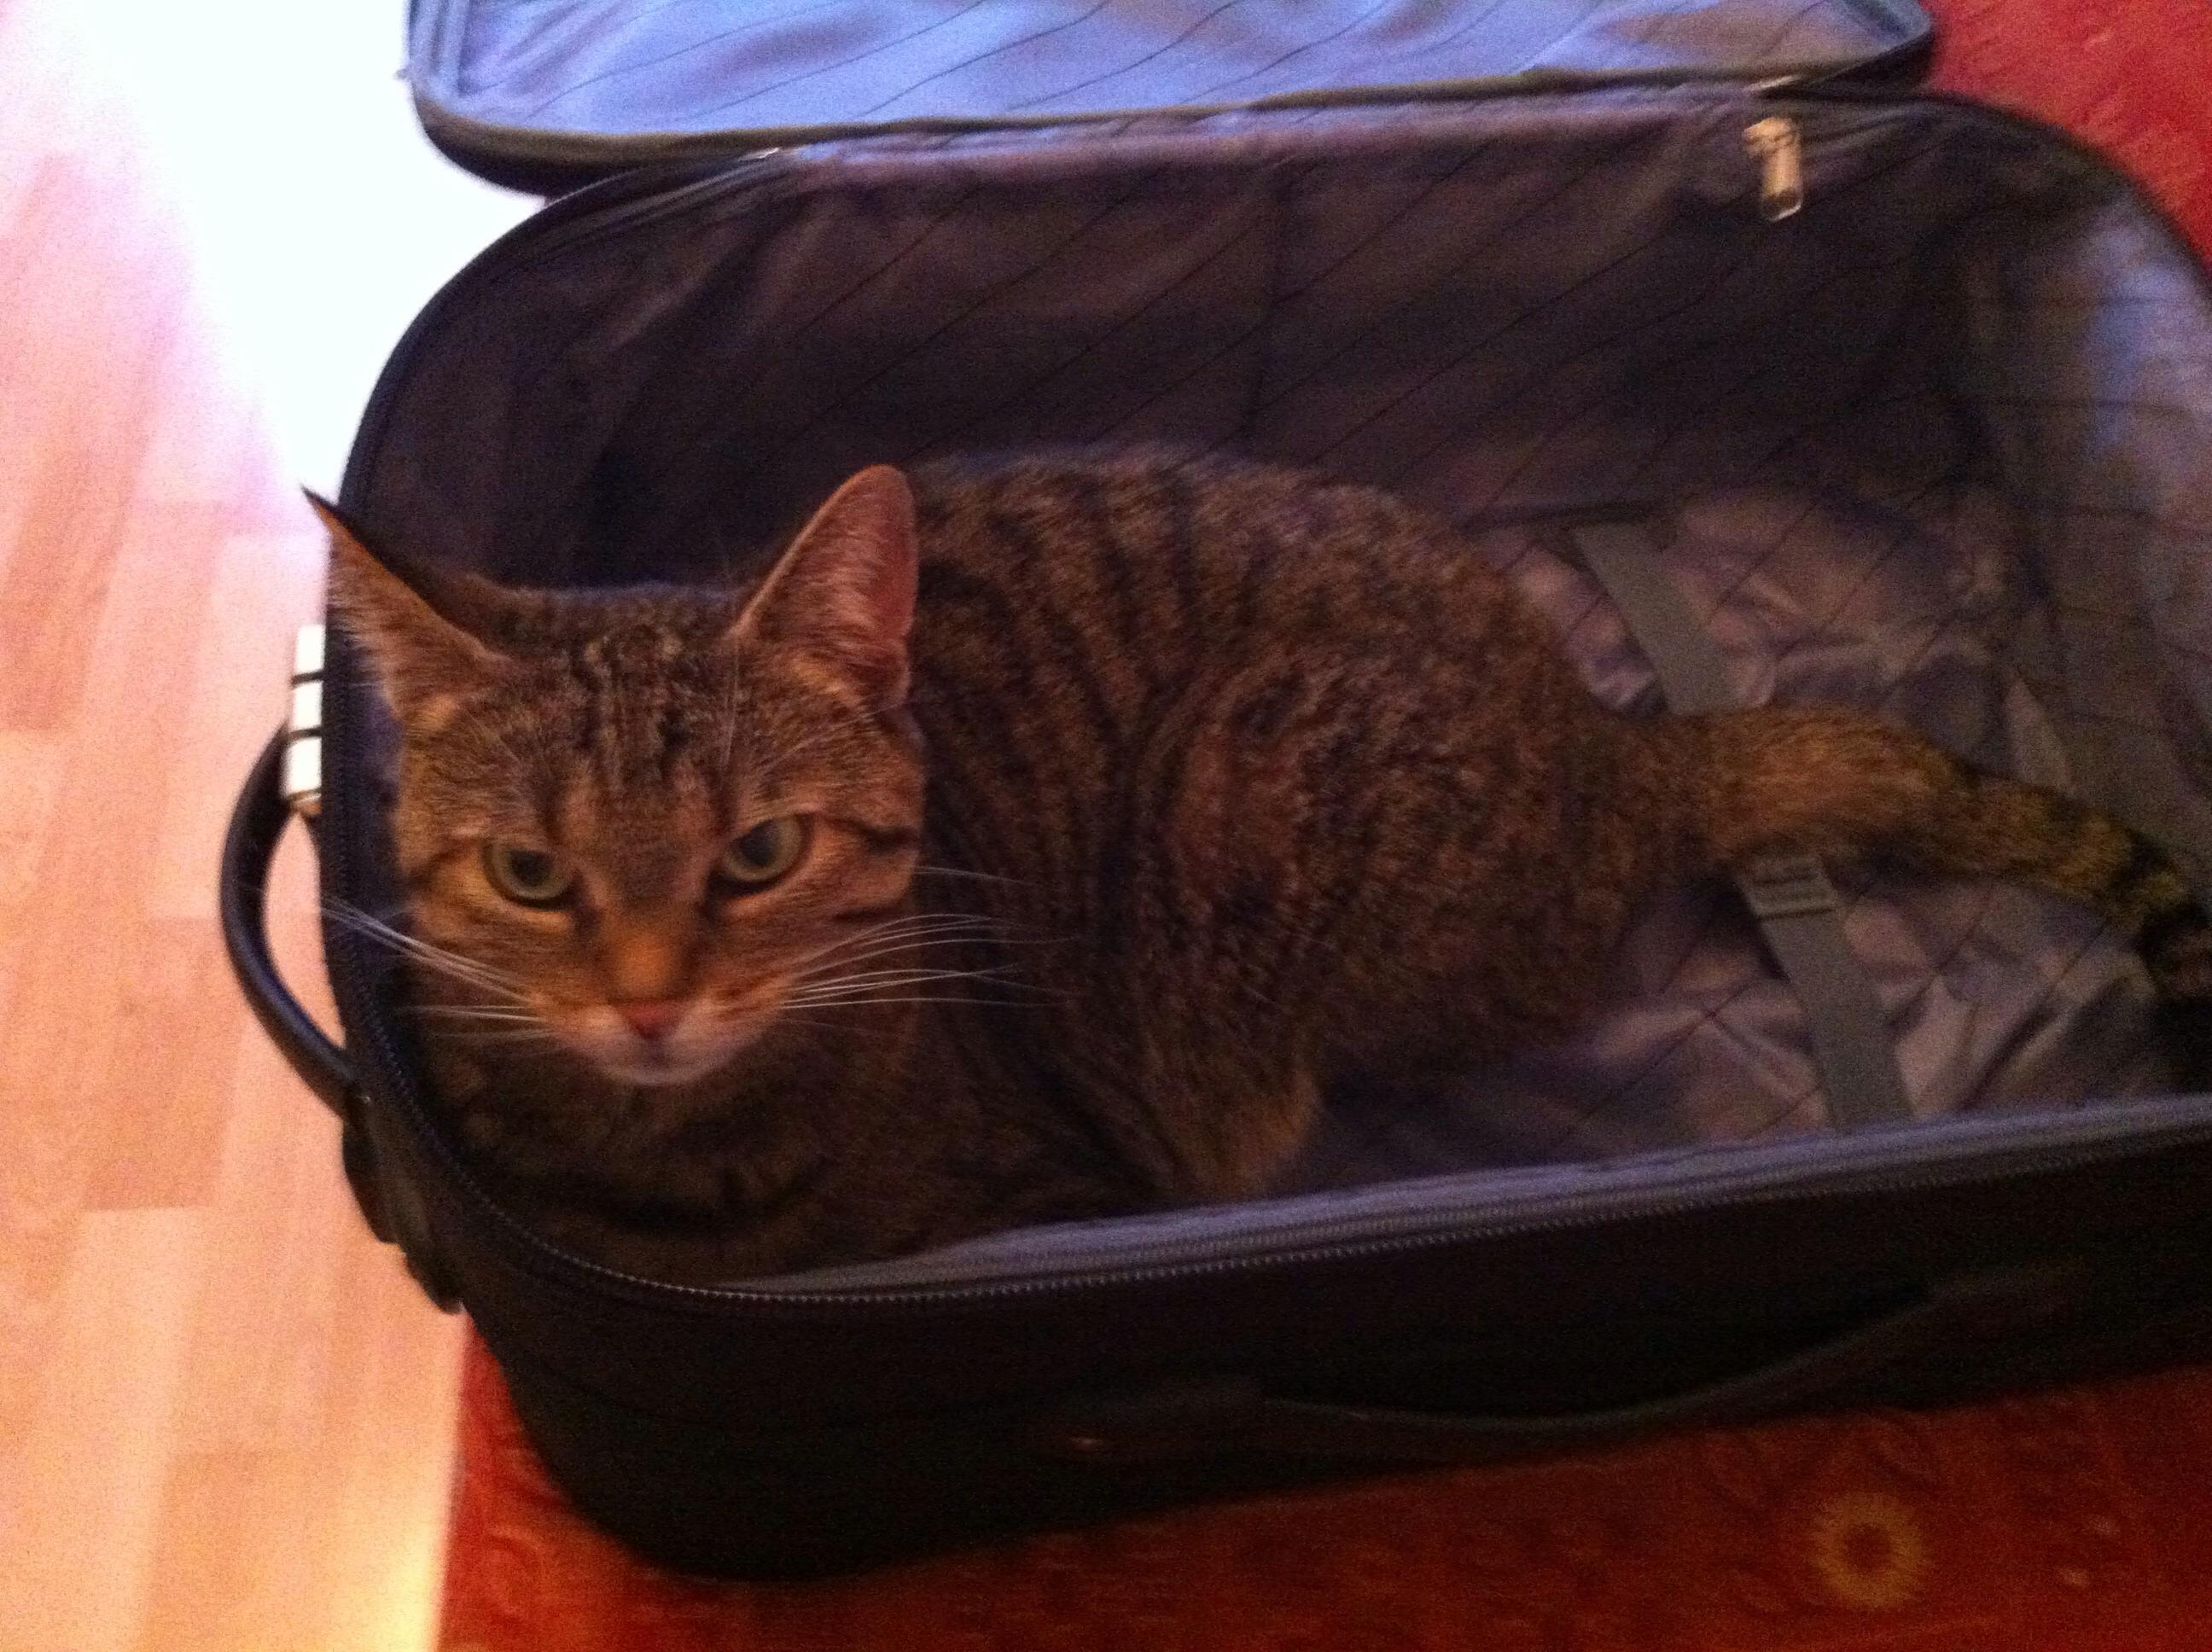 Fertig! Hab dir alles eingepackt, was du brauchst!